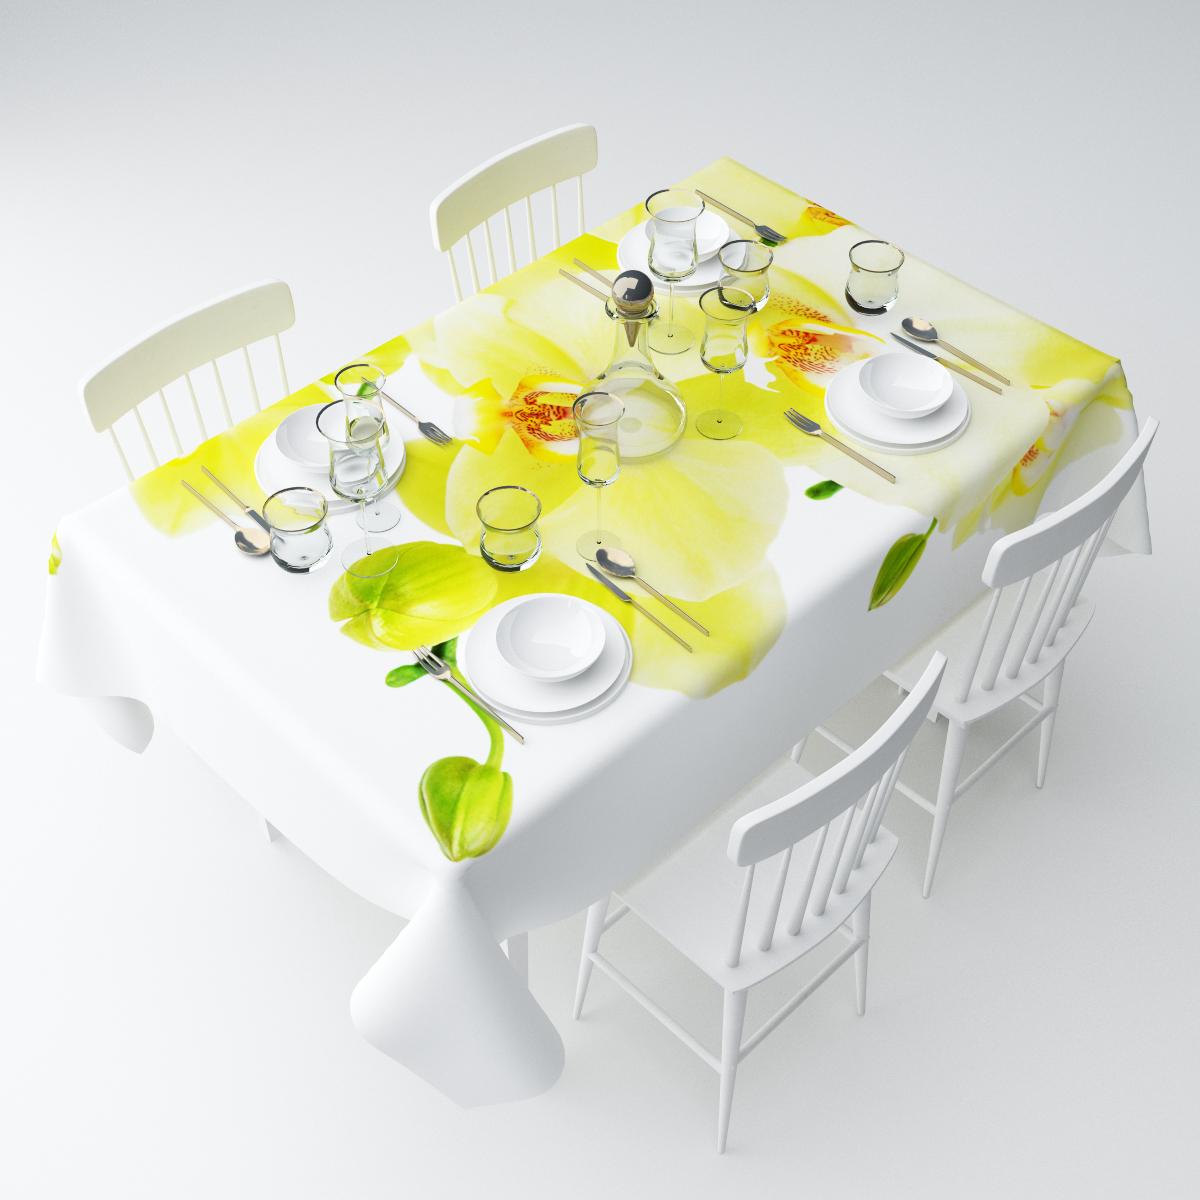 Скатерть Сирень Желтый фаленопсис, прямоугольная, 145 х 220 см3112009620Прямоугольная скатерть Сирень Желтый фаленопсис, выполненная изгабардина с ярким рисунком, преобразит вашу кухню, визуальнорасширит пространство, создаст атмосферу радости и комфорта.Рекомендации по уходу: стирка при 30 градусах, гладить при температуре до 110градусов. Размер скатерти: 145 х 220 см.Изображение может немного отличаться от реального.